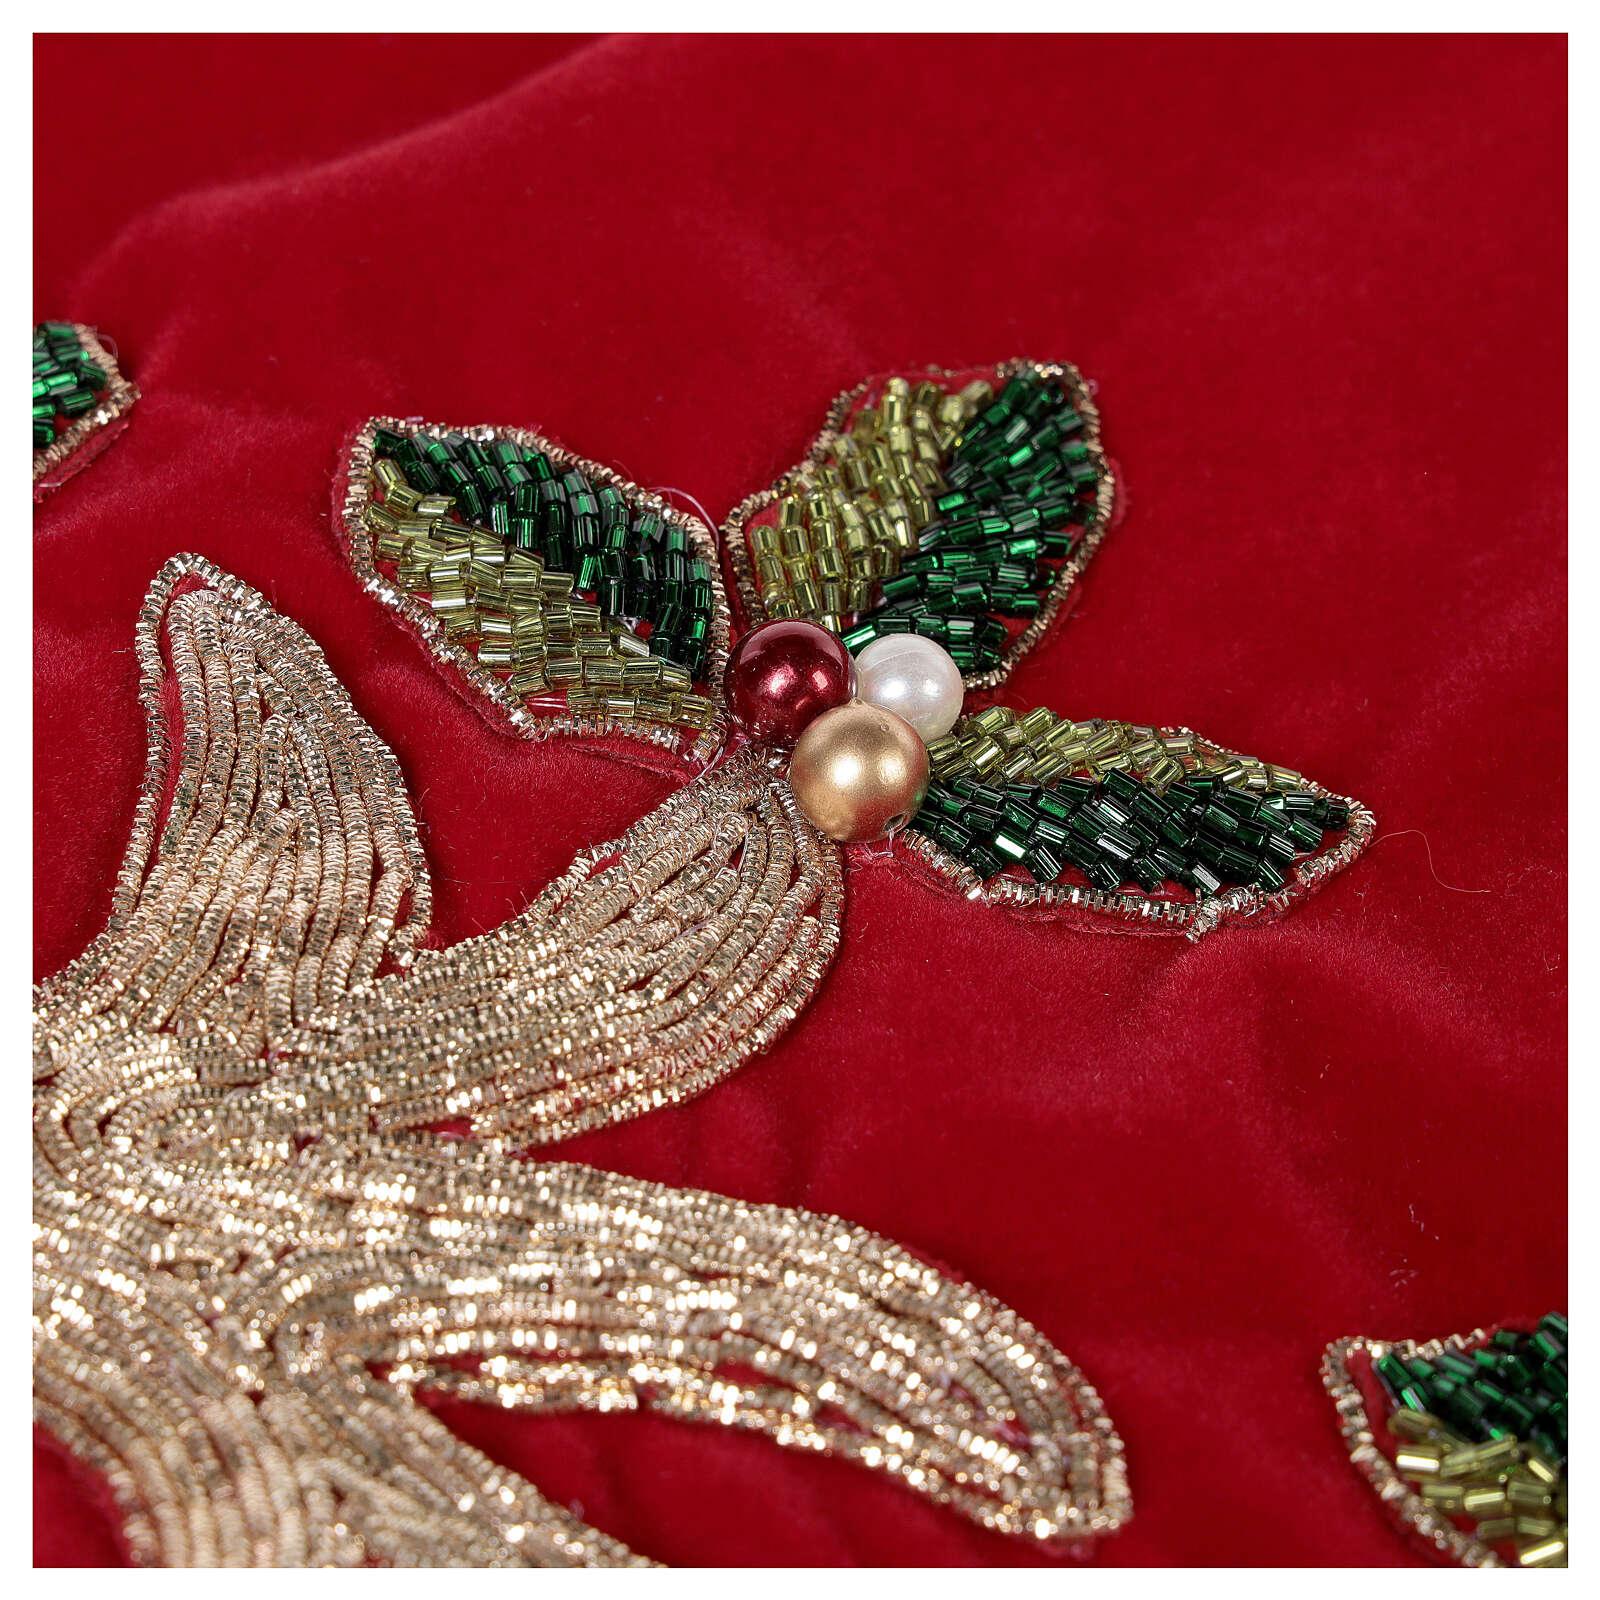 Copribase Albero Natale rosso vischio d. 1,40 cm poli. rayon cotone 3